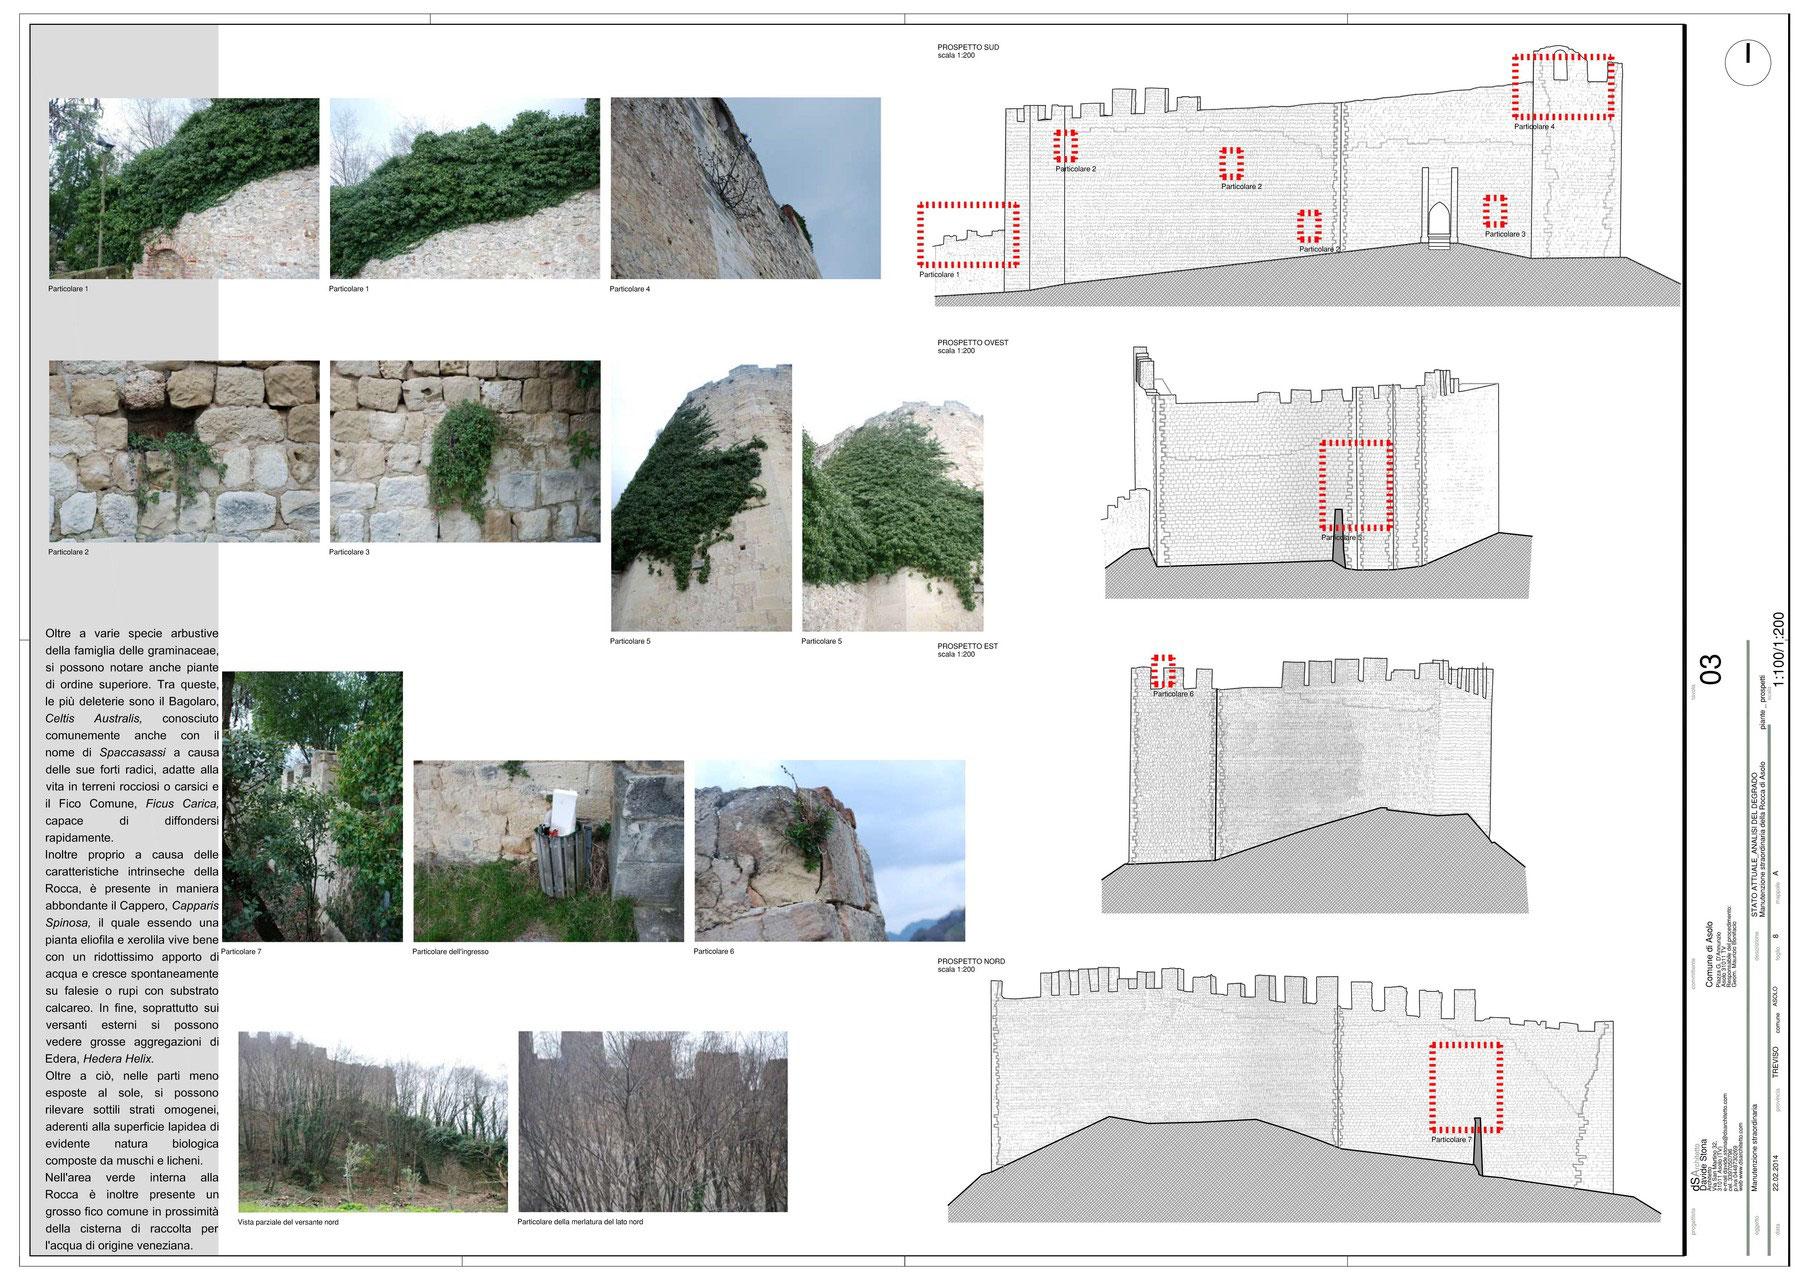 Los Massadores Armadio A Muro.Rocca Di Asolo Manutenzione Straordinaria Davide Stona Architetto